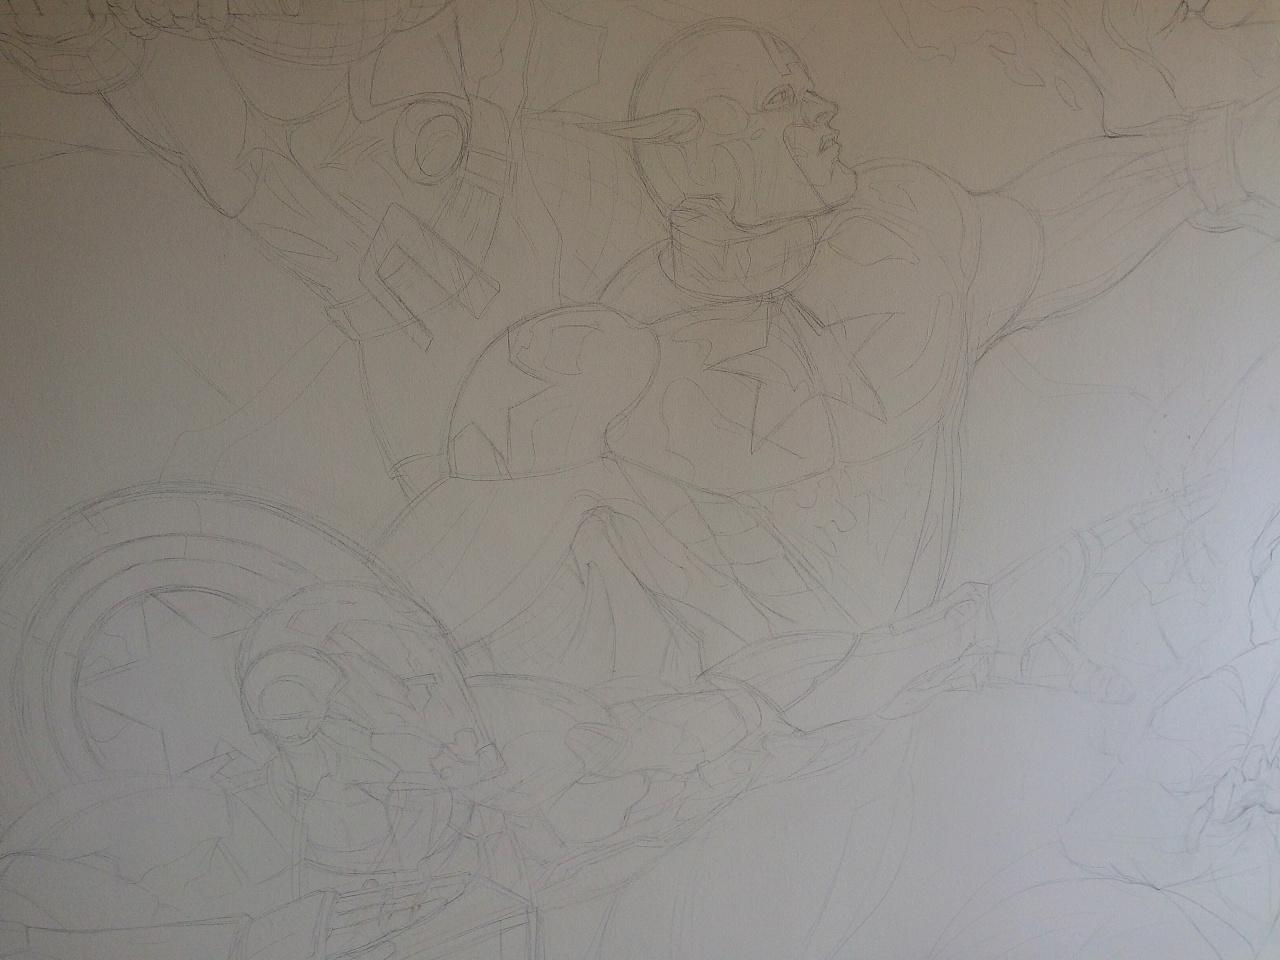 健身房墙绘复仇者联盟系列